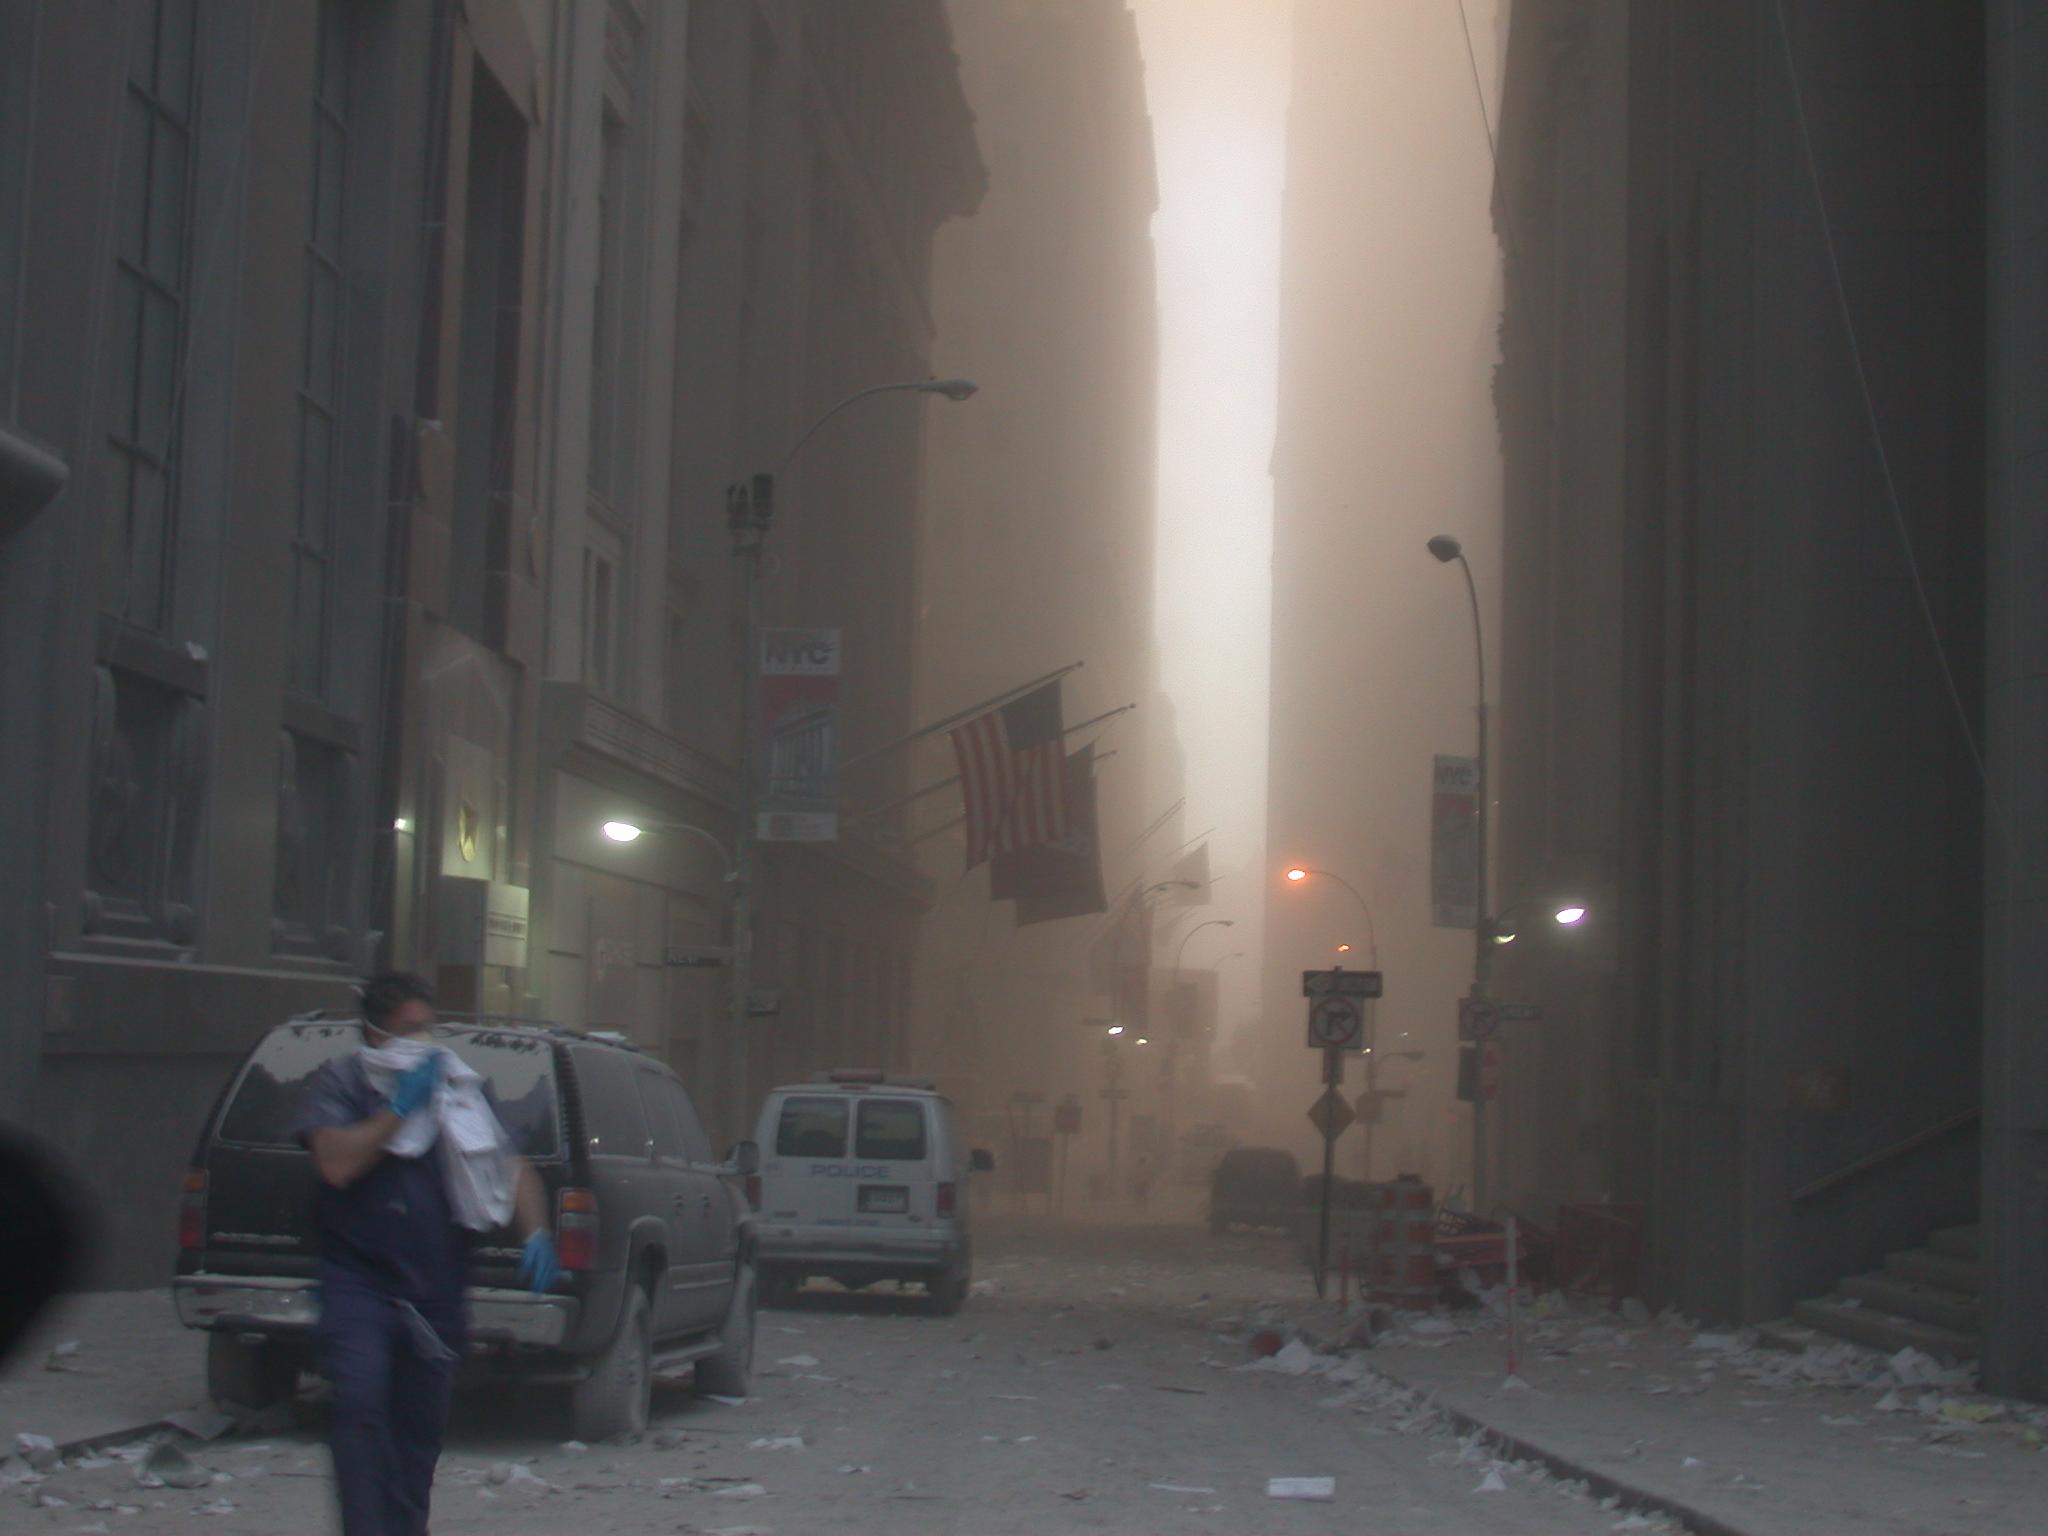 Nueva York cubierta en humo luego del atentado